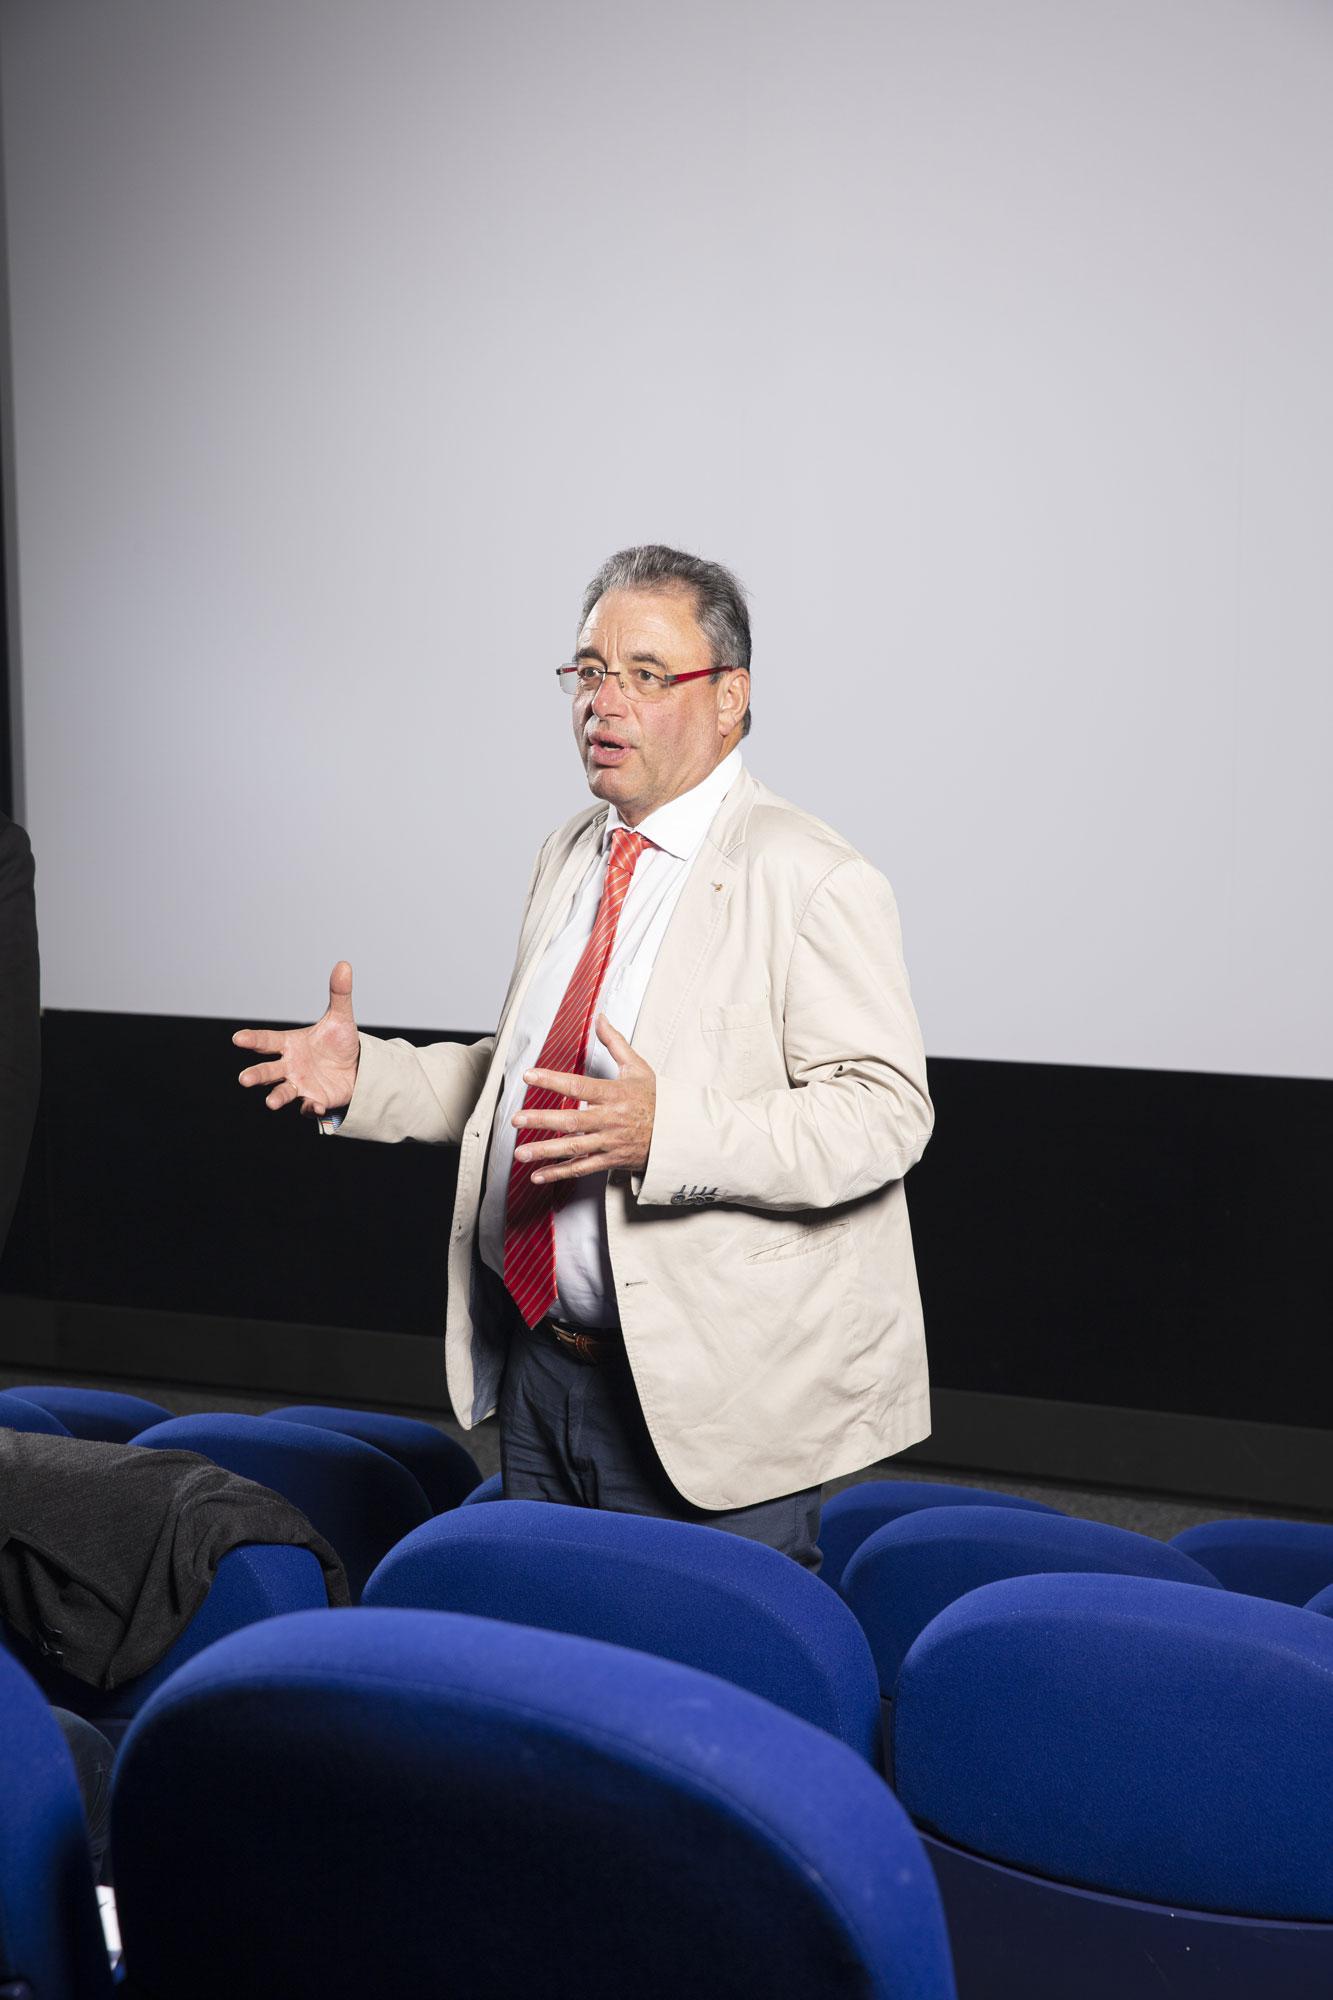 Thierry Grosjean, Président de SFMC, Société des Forces Motrices du Châtelot / © Maciej Czepiel